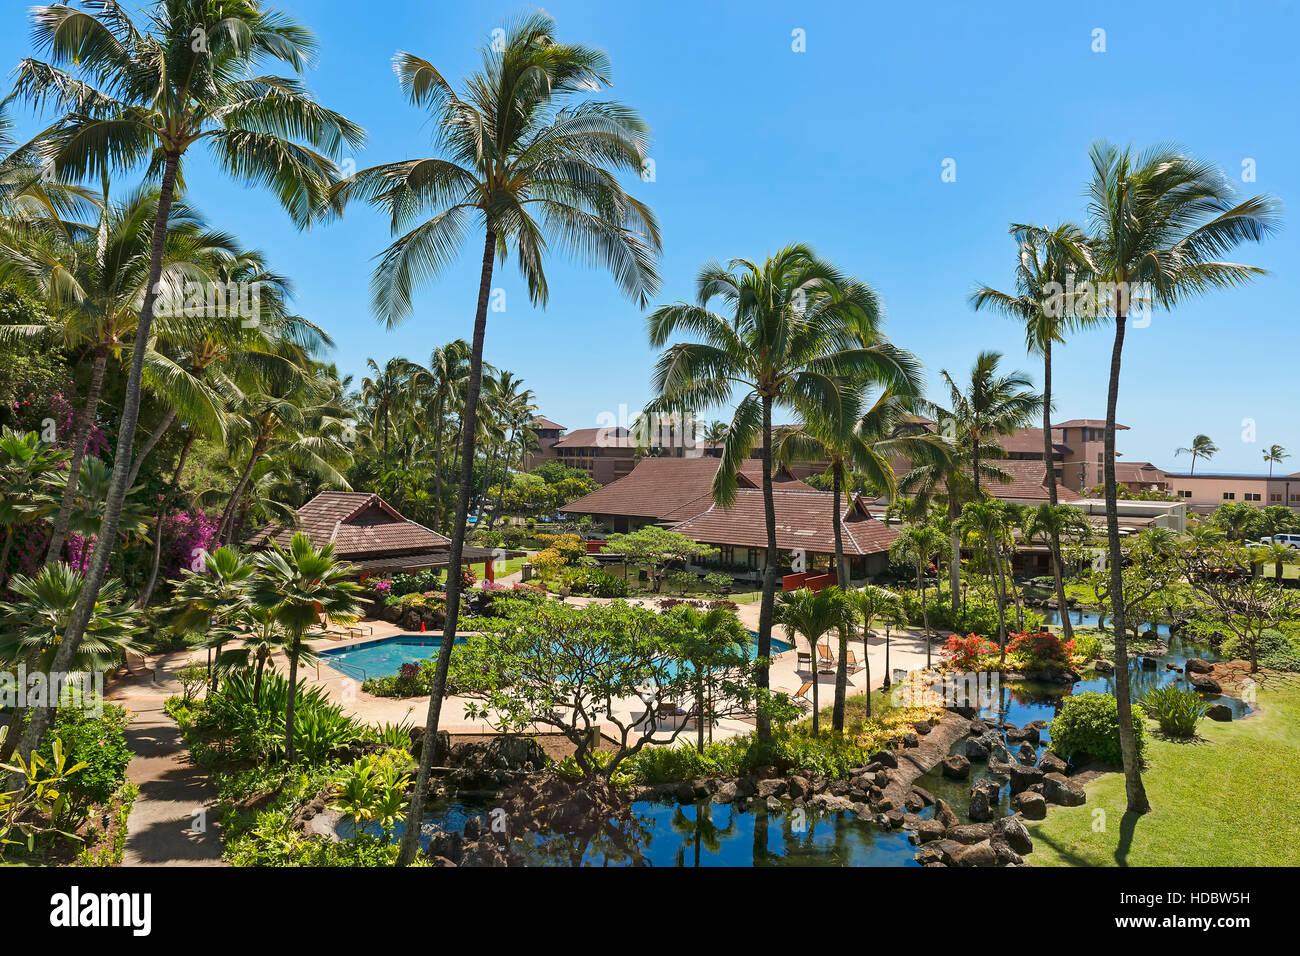 Hotel resort con piscina e palme, Poipu, Koloa, Kaua'i, Hawaii, STATI UNITI D'AMERICA Immagini Stock